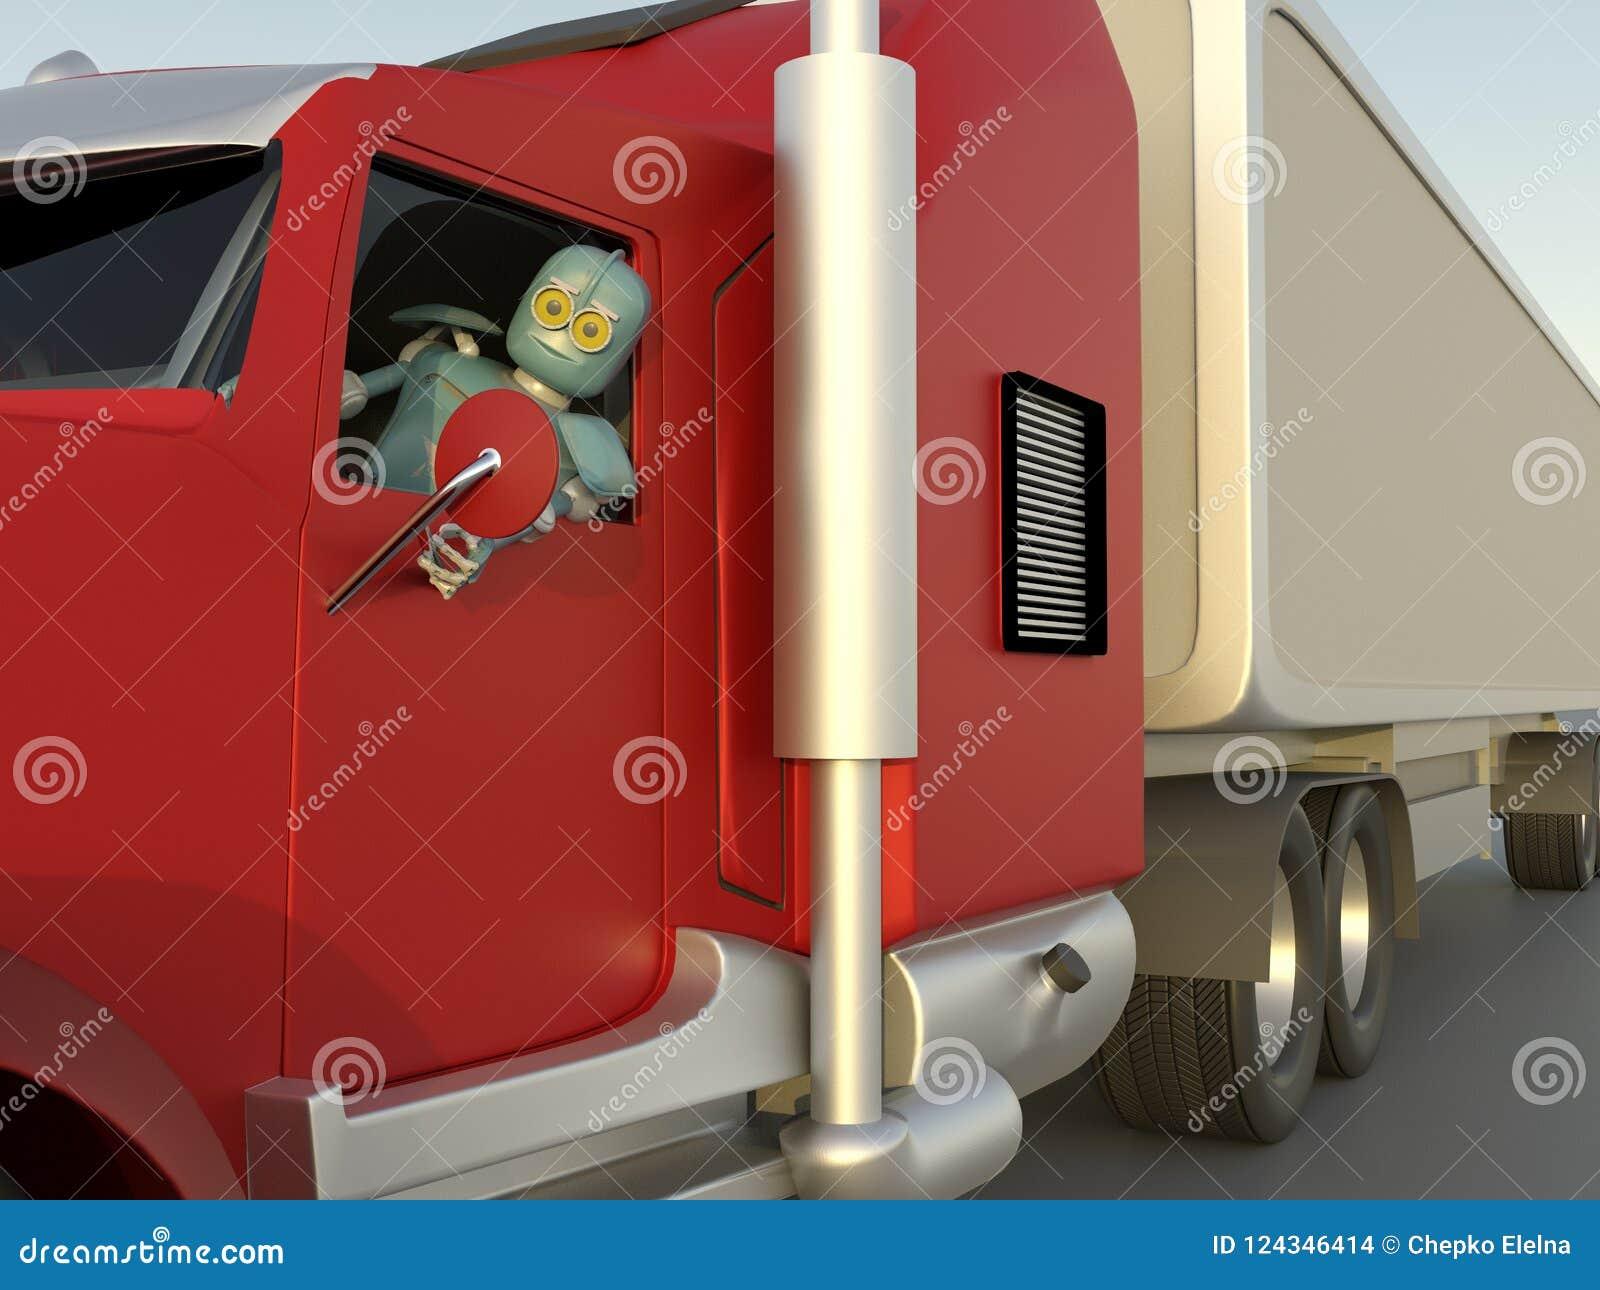 Robot in car 3d render